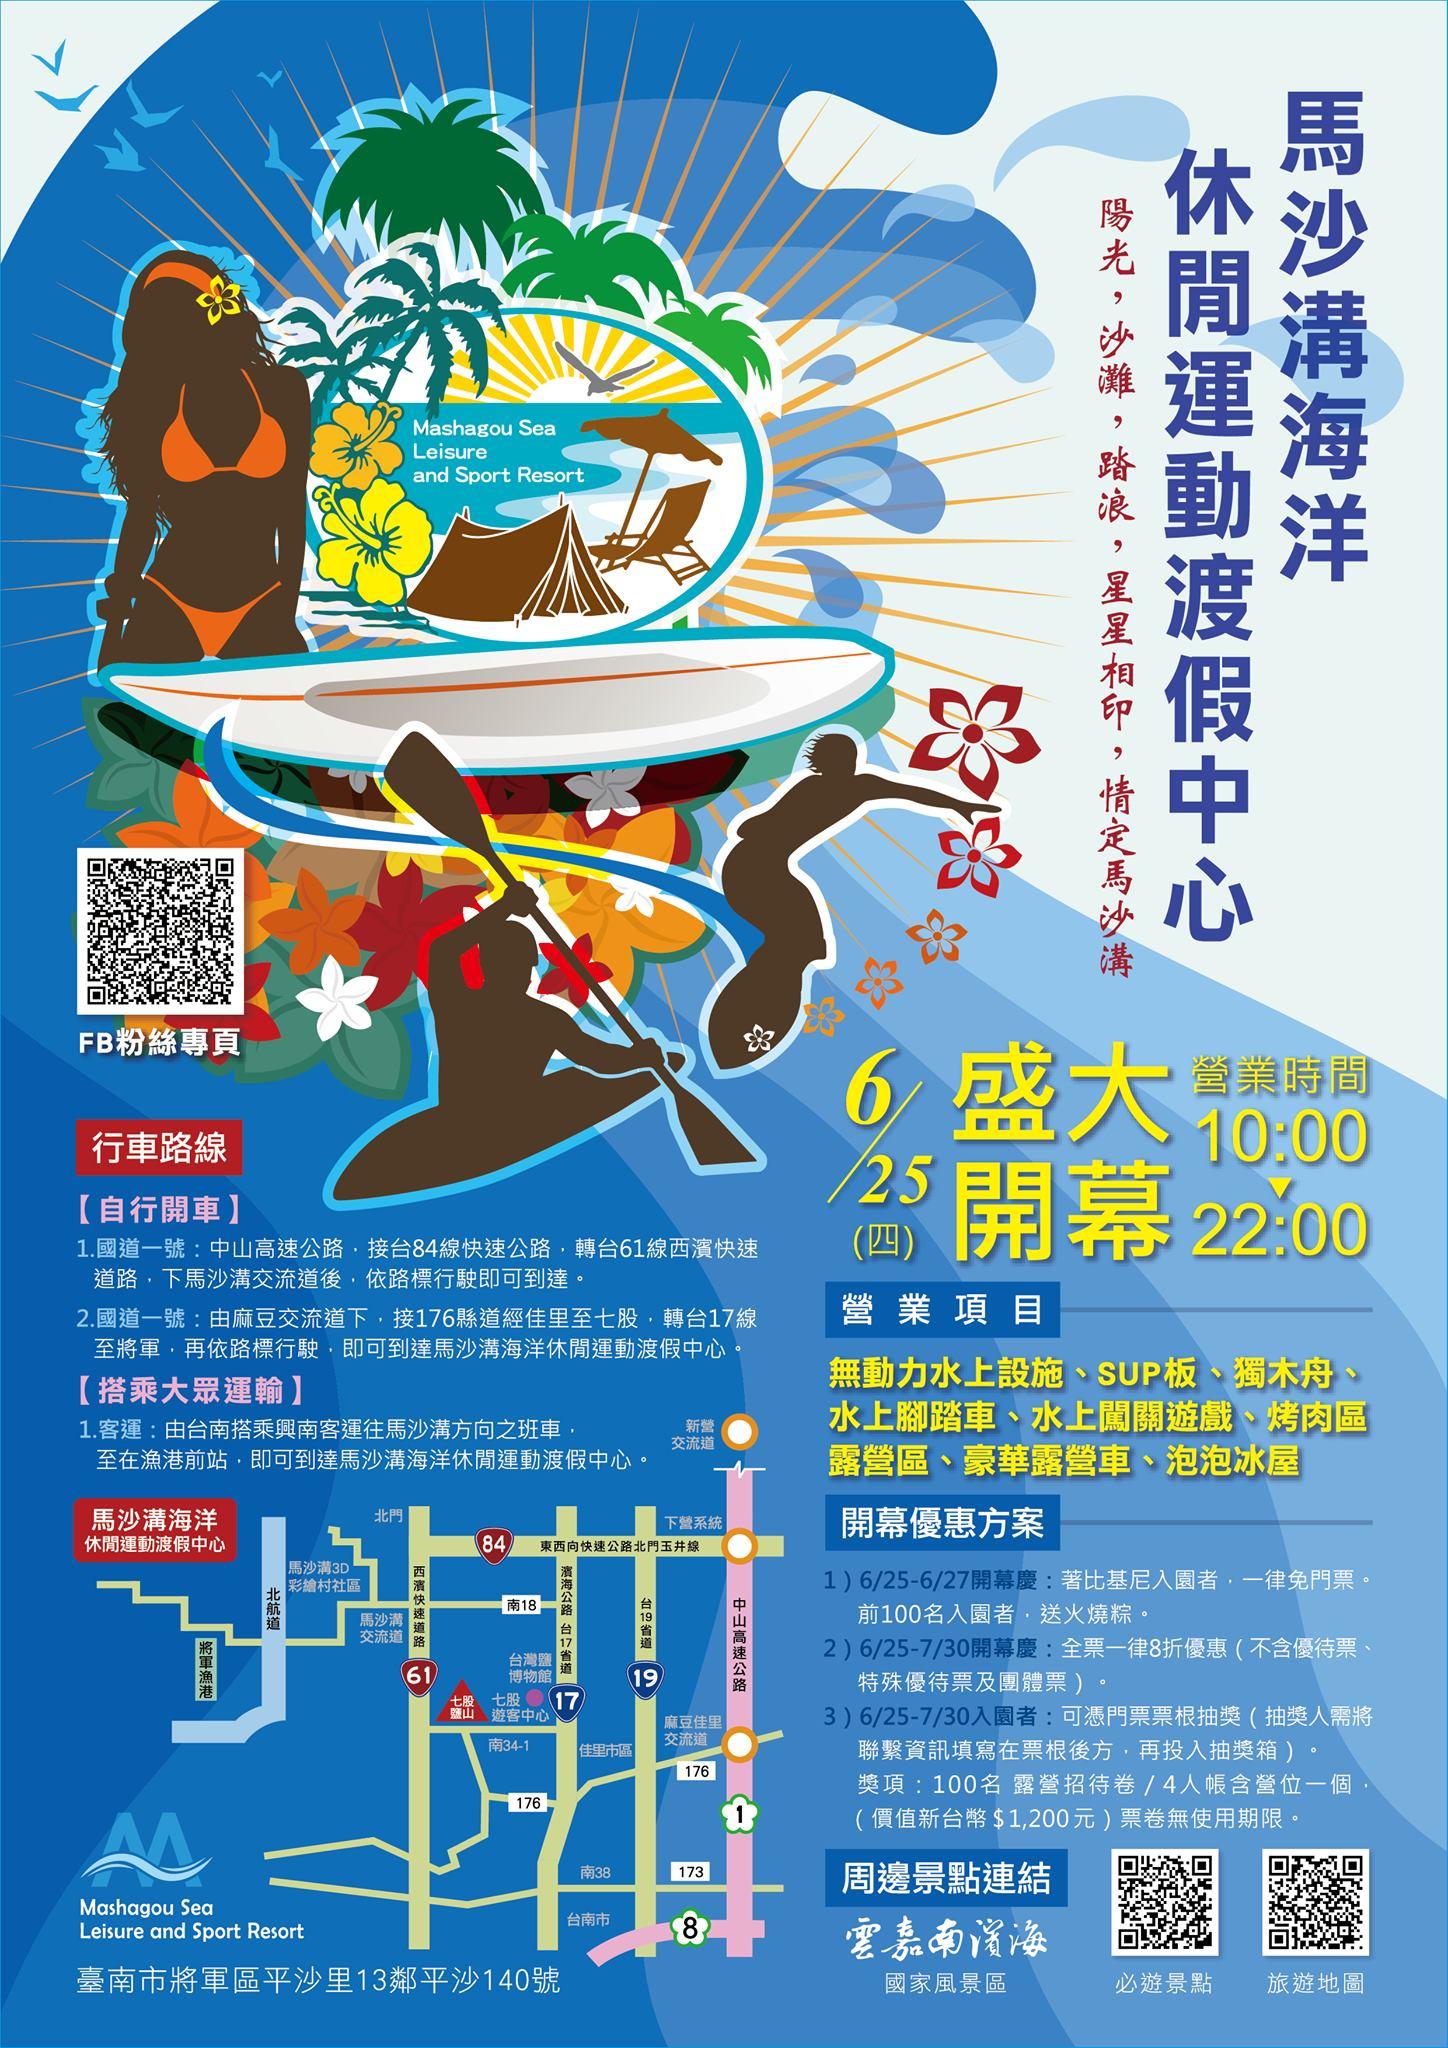 台南馬沙溝濱海遊憩區6/25新開園!免費入園方法在這裡